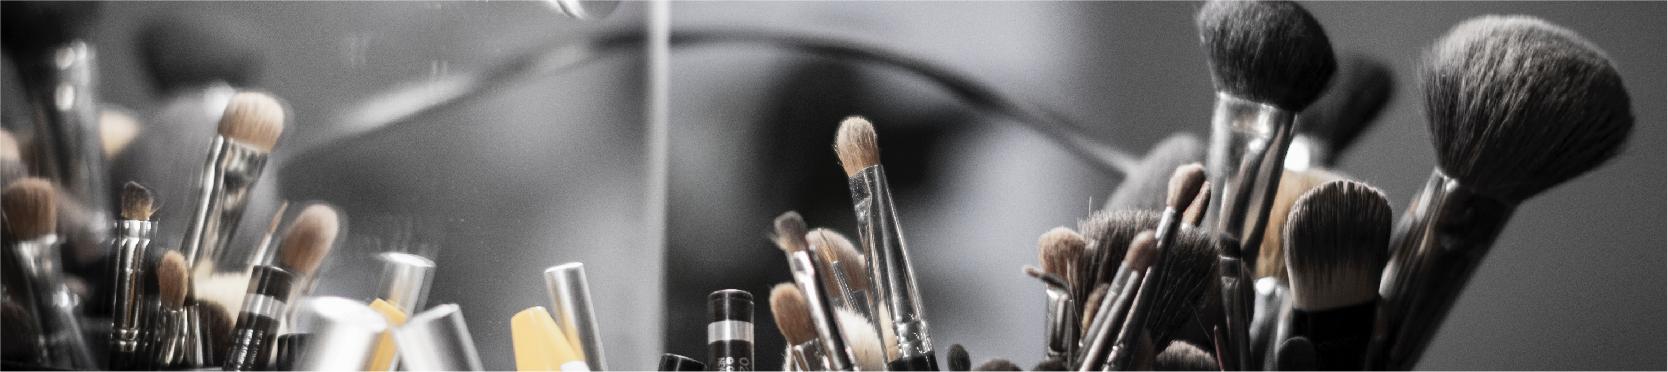 美妆护理首页顶部图